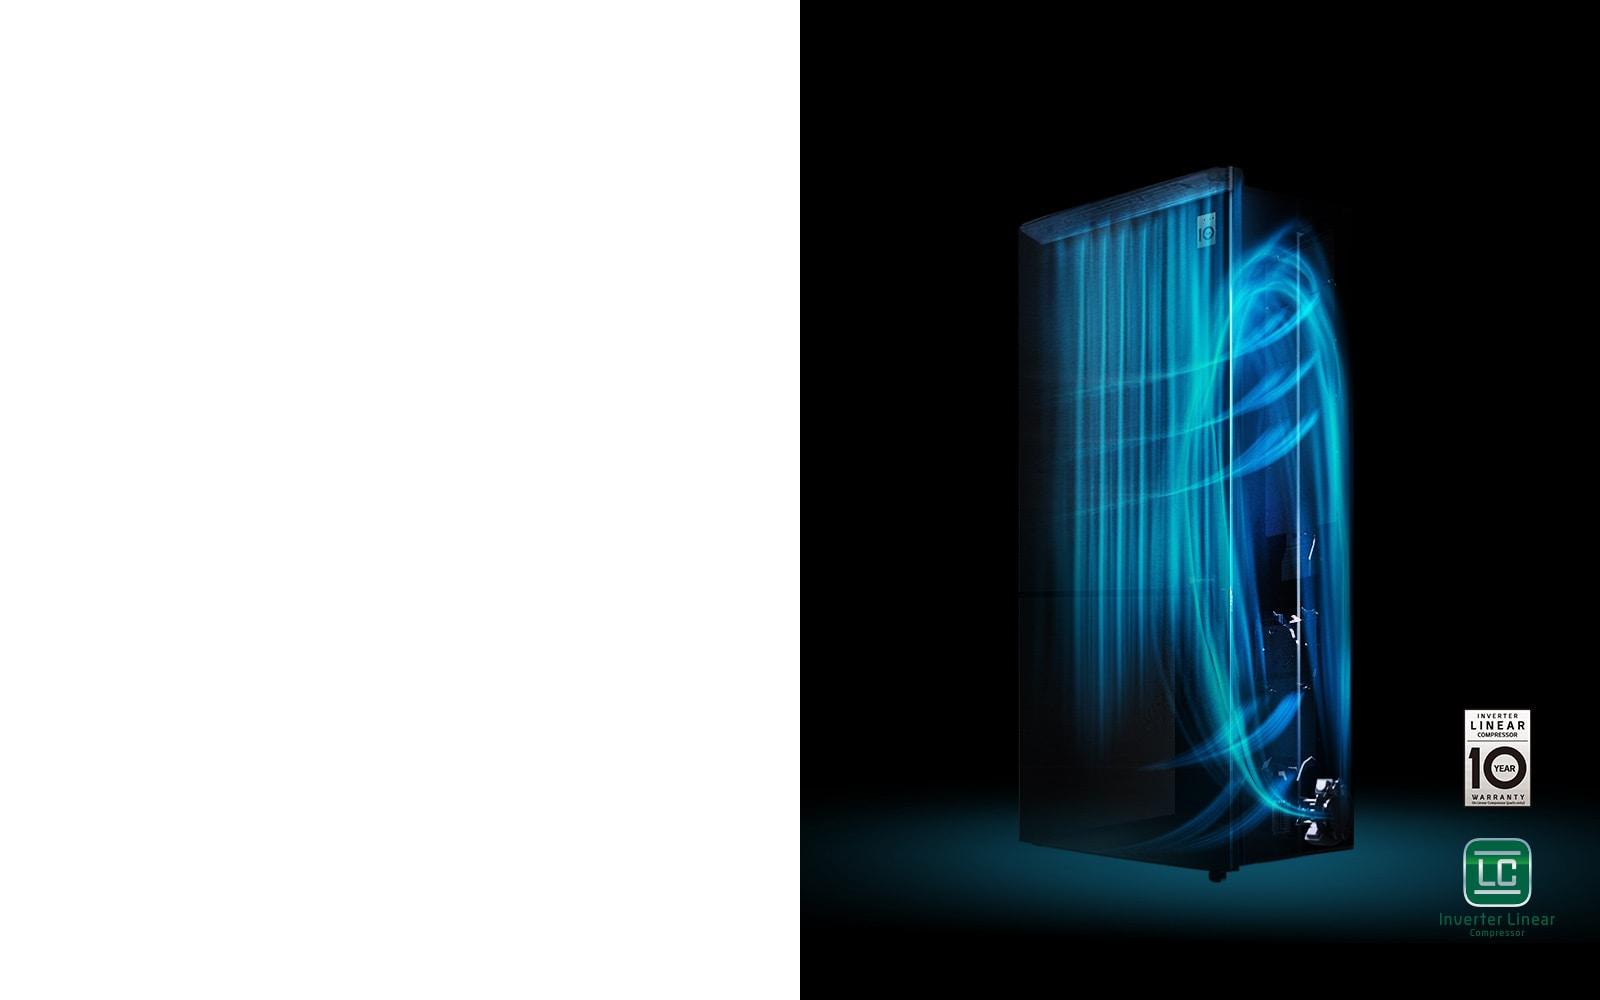 Tiết kiệm năng lượng với máy nén Smart Inverter